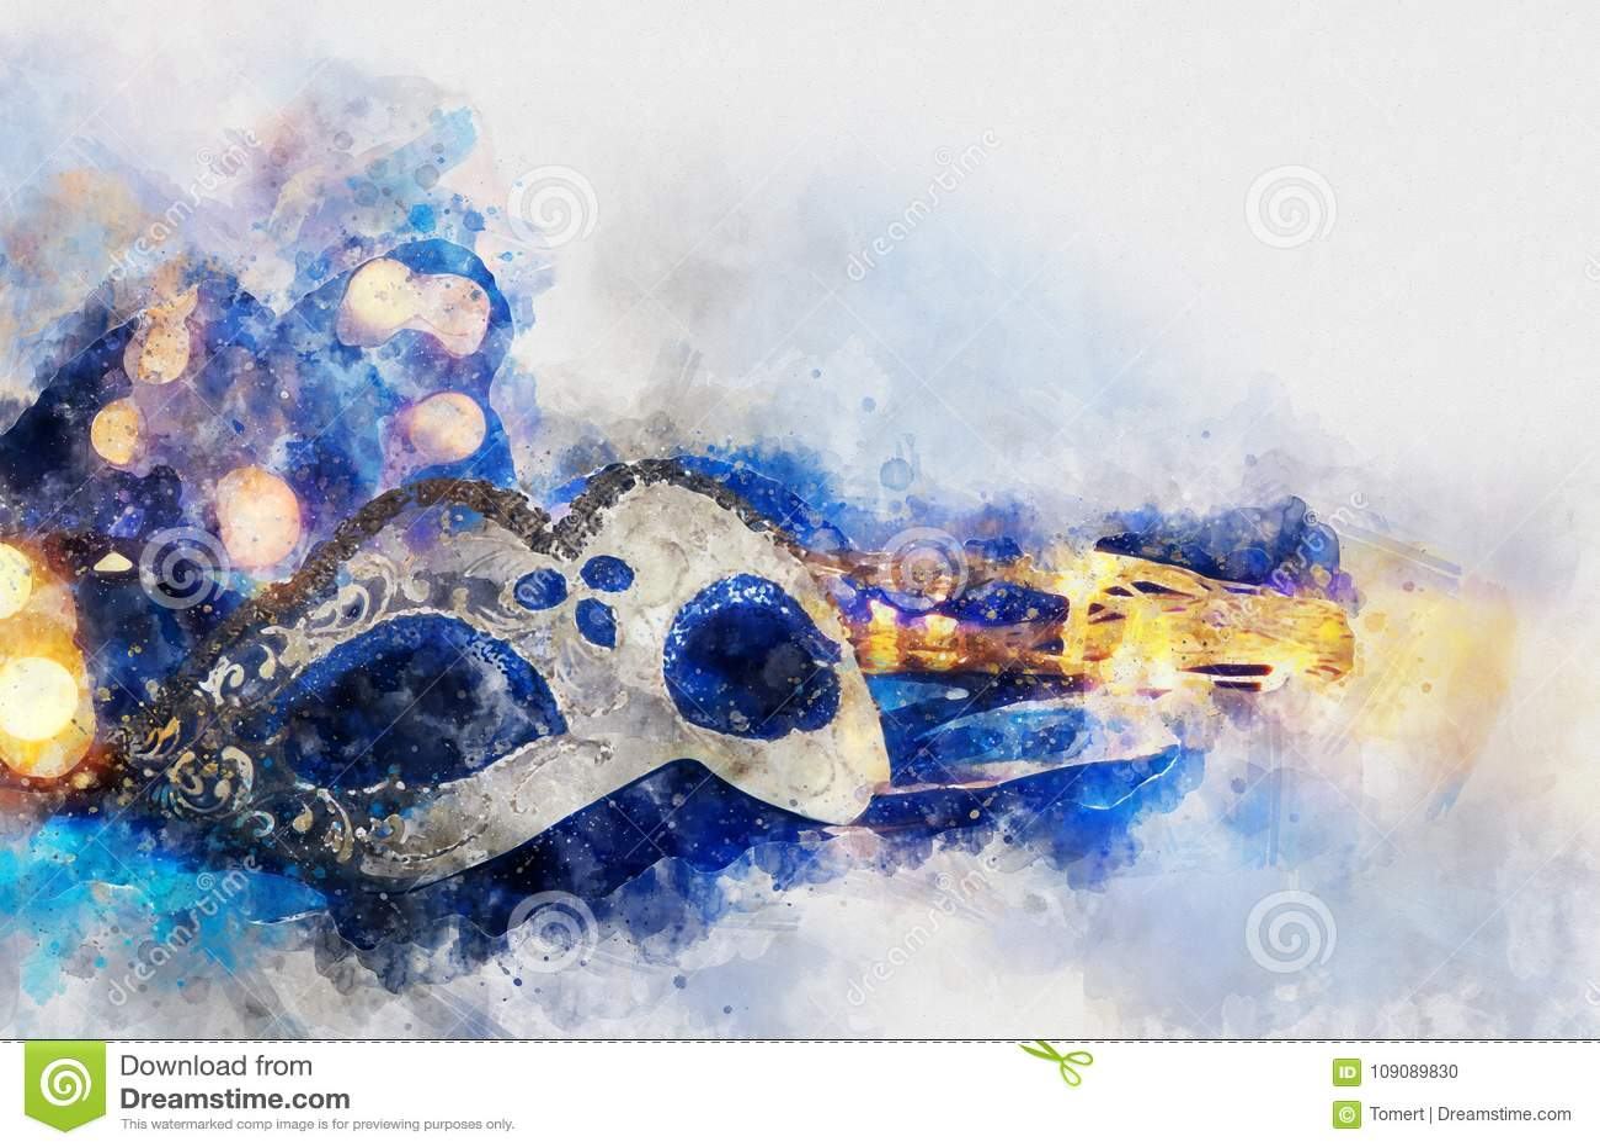 Aquarellart und abstraktes Bild von elegantem venetianischem, Karnevalmaske